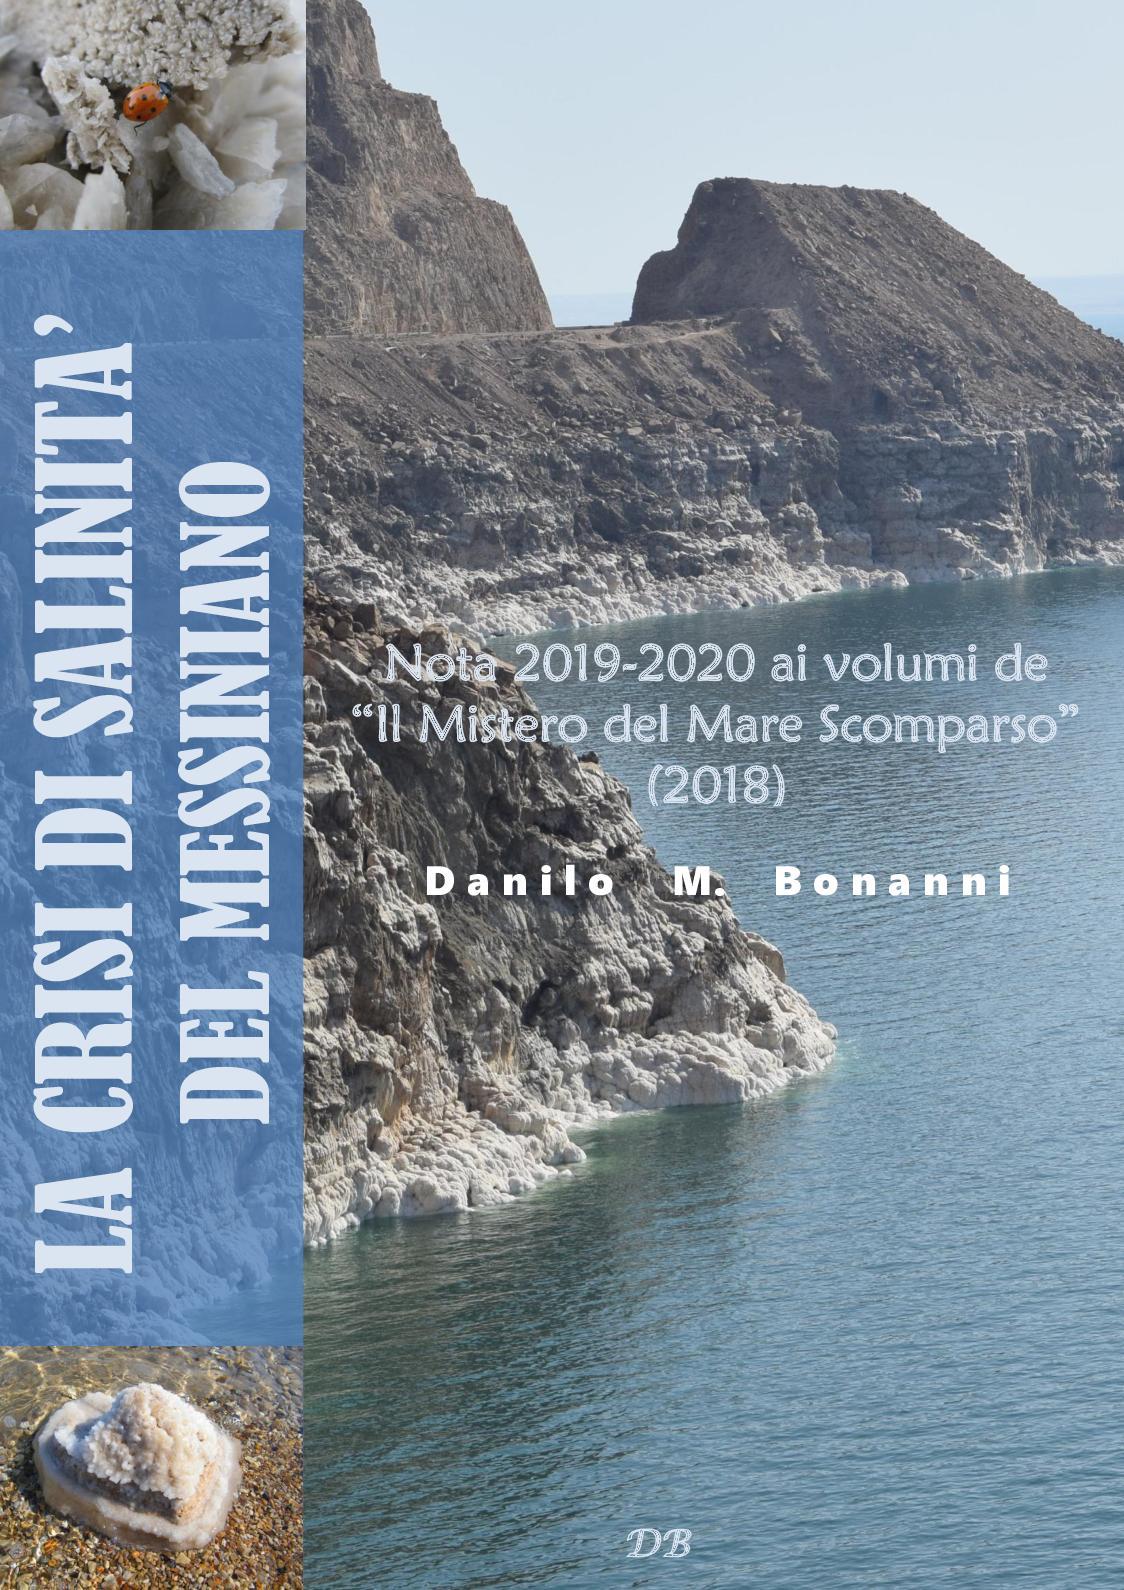 """Nota 2019 2020 Ai Volumi """"Il Mistero Del Mare Scomparso"""" (2018)"""